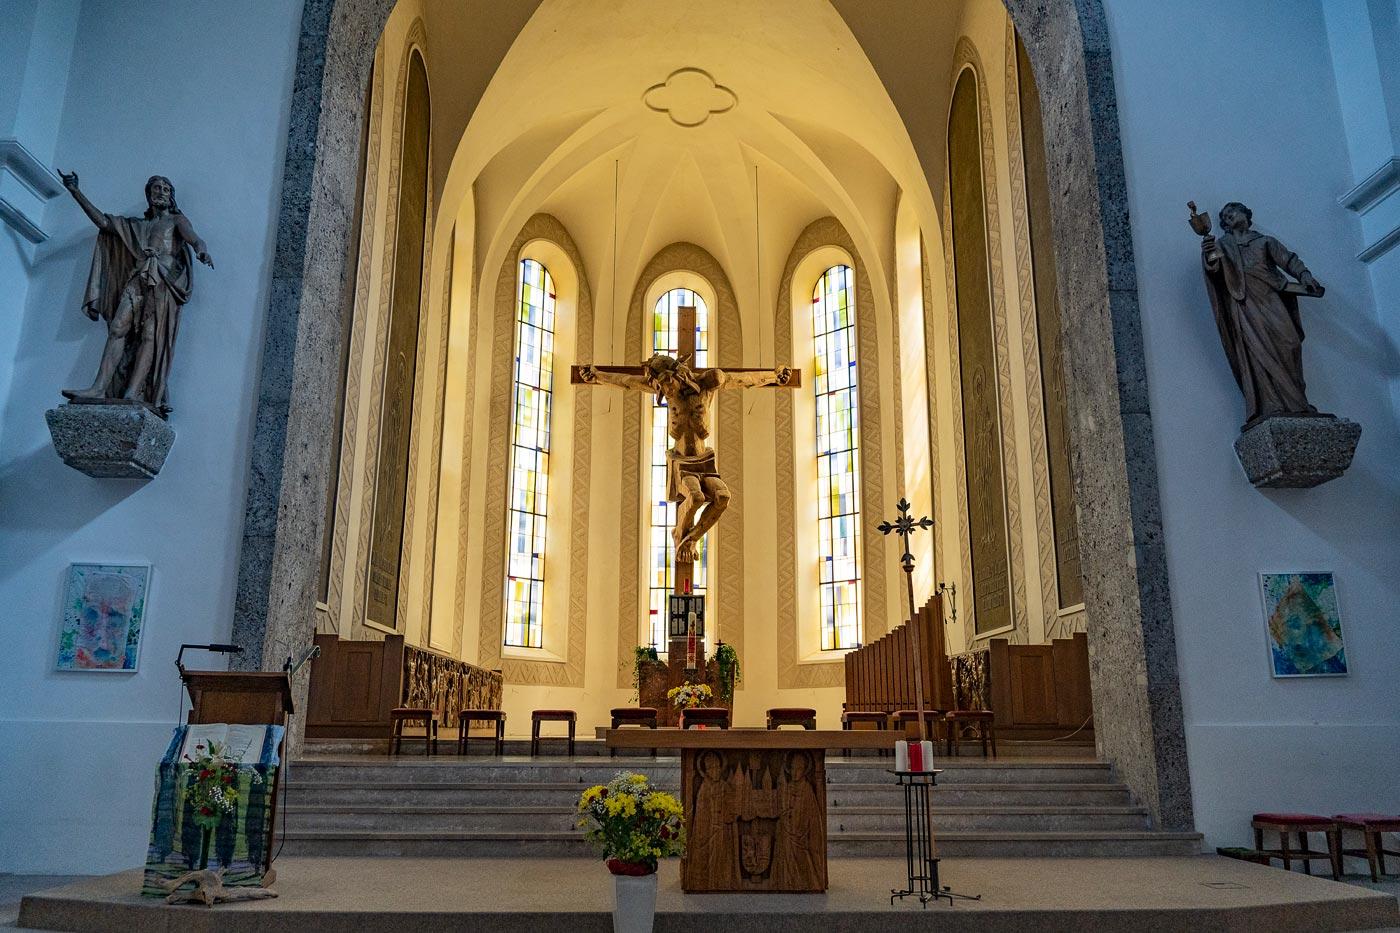 Костел в Зальфельдене (Saalfelden), Австрия